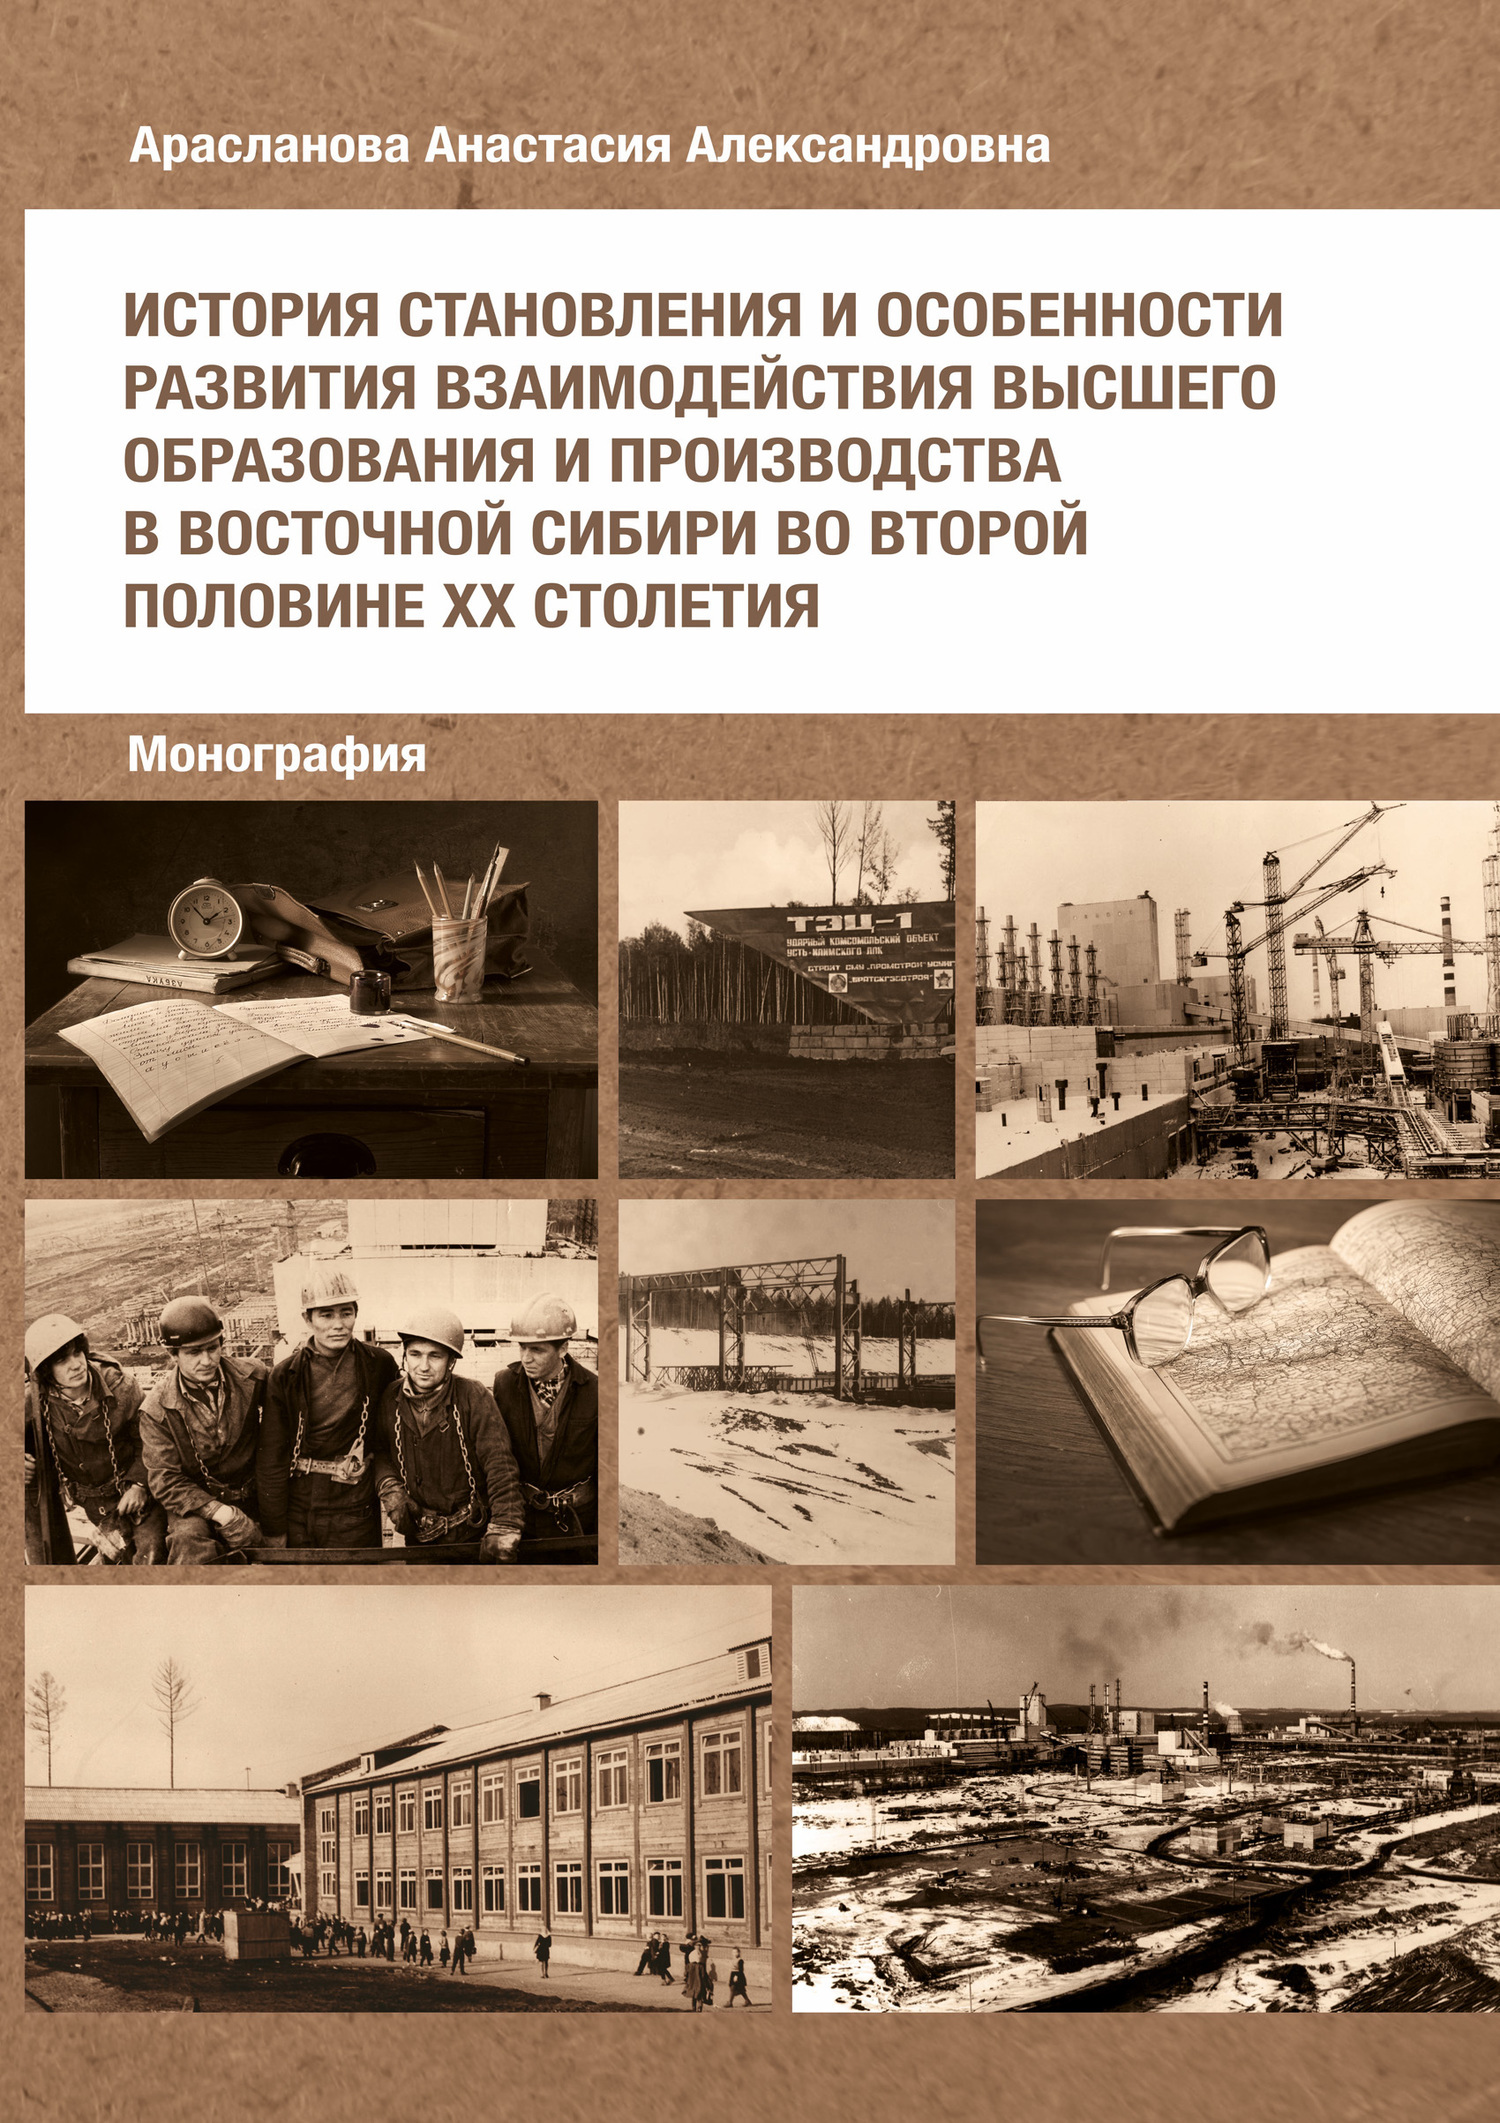 Обложка книги История становления и особенности развития взаимодействия высшего образования и производства в Восточной Сибири во второй половине ХХ столетия